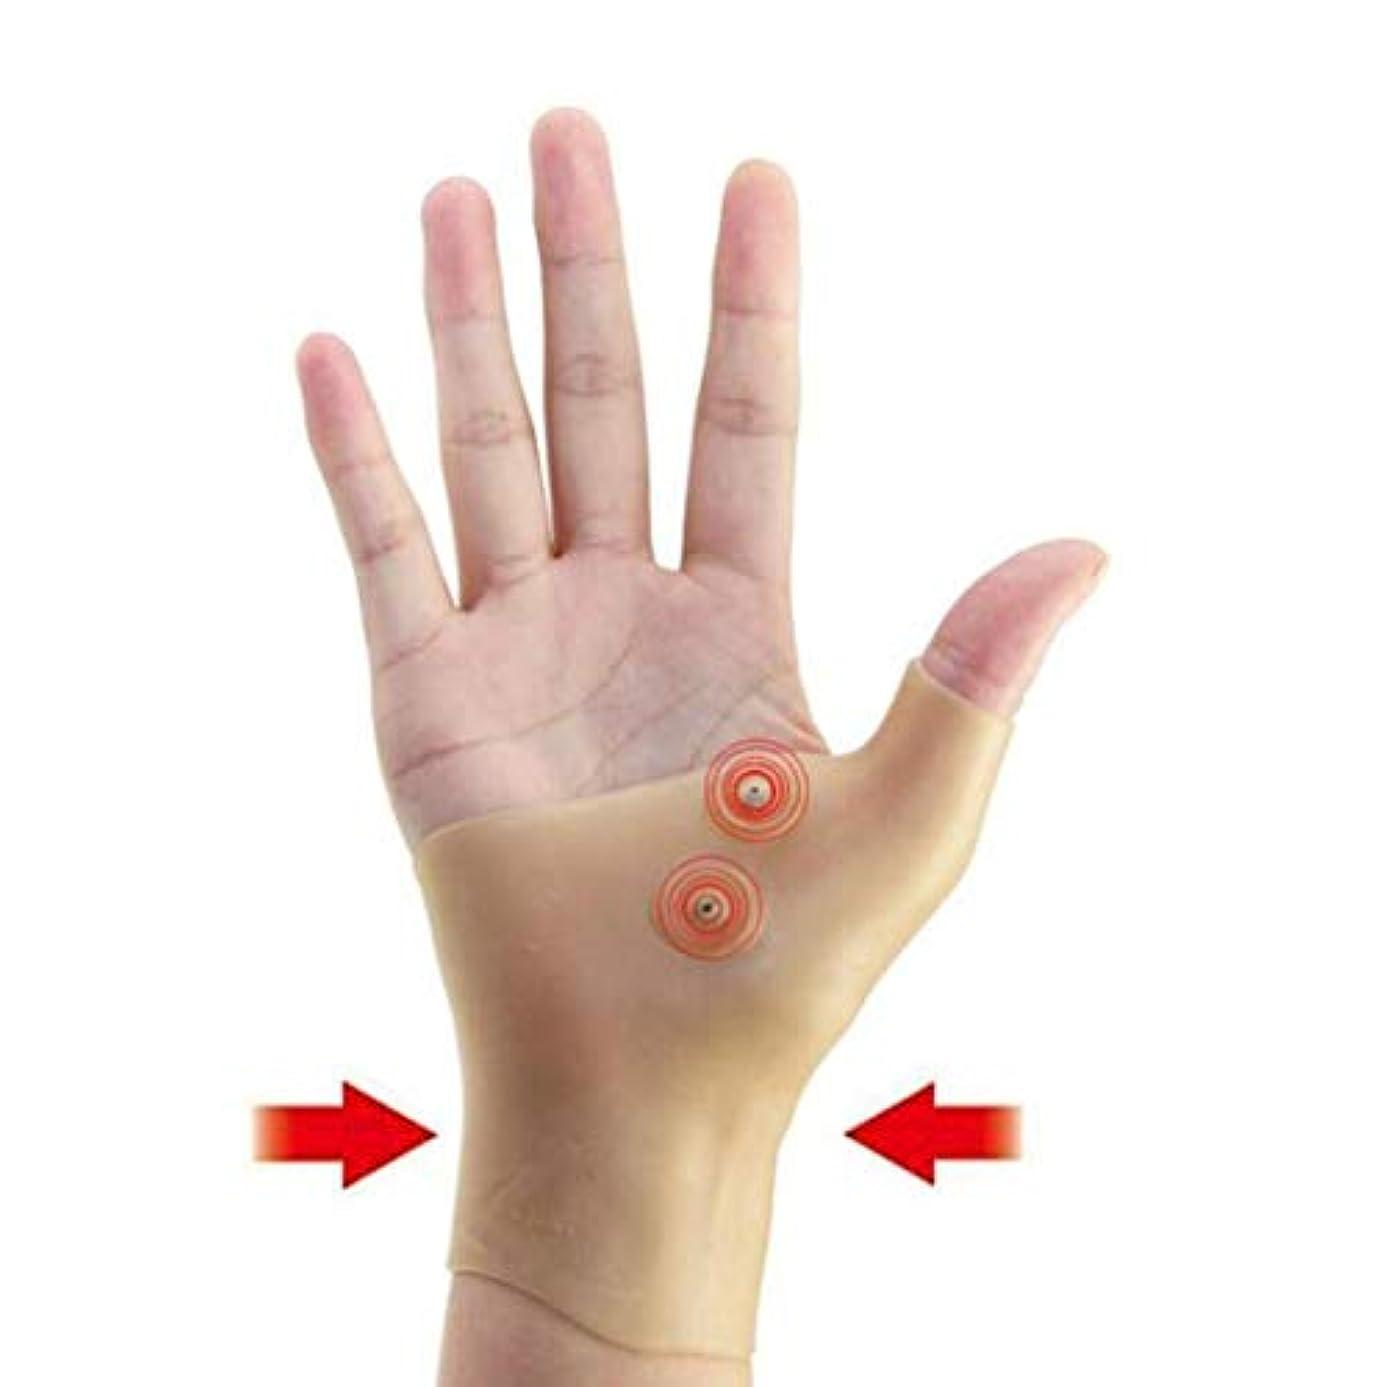 劣る保証最大限磁気療法手首手親指サポート手袋シリコーンゲル関節炎圧力矯正器マッサージ痛み緩和手袋 - 肌の色